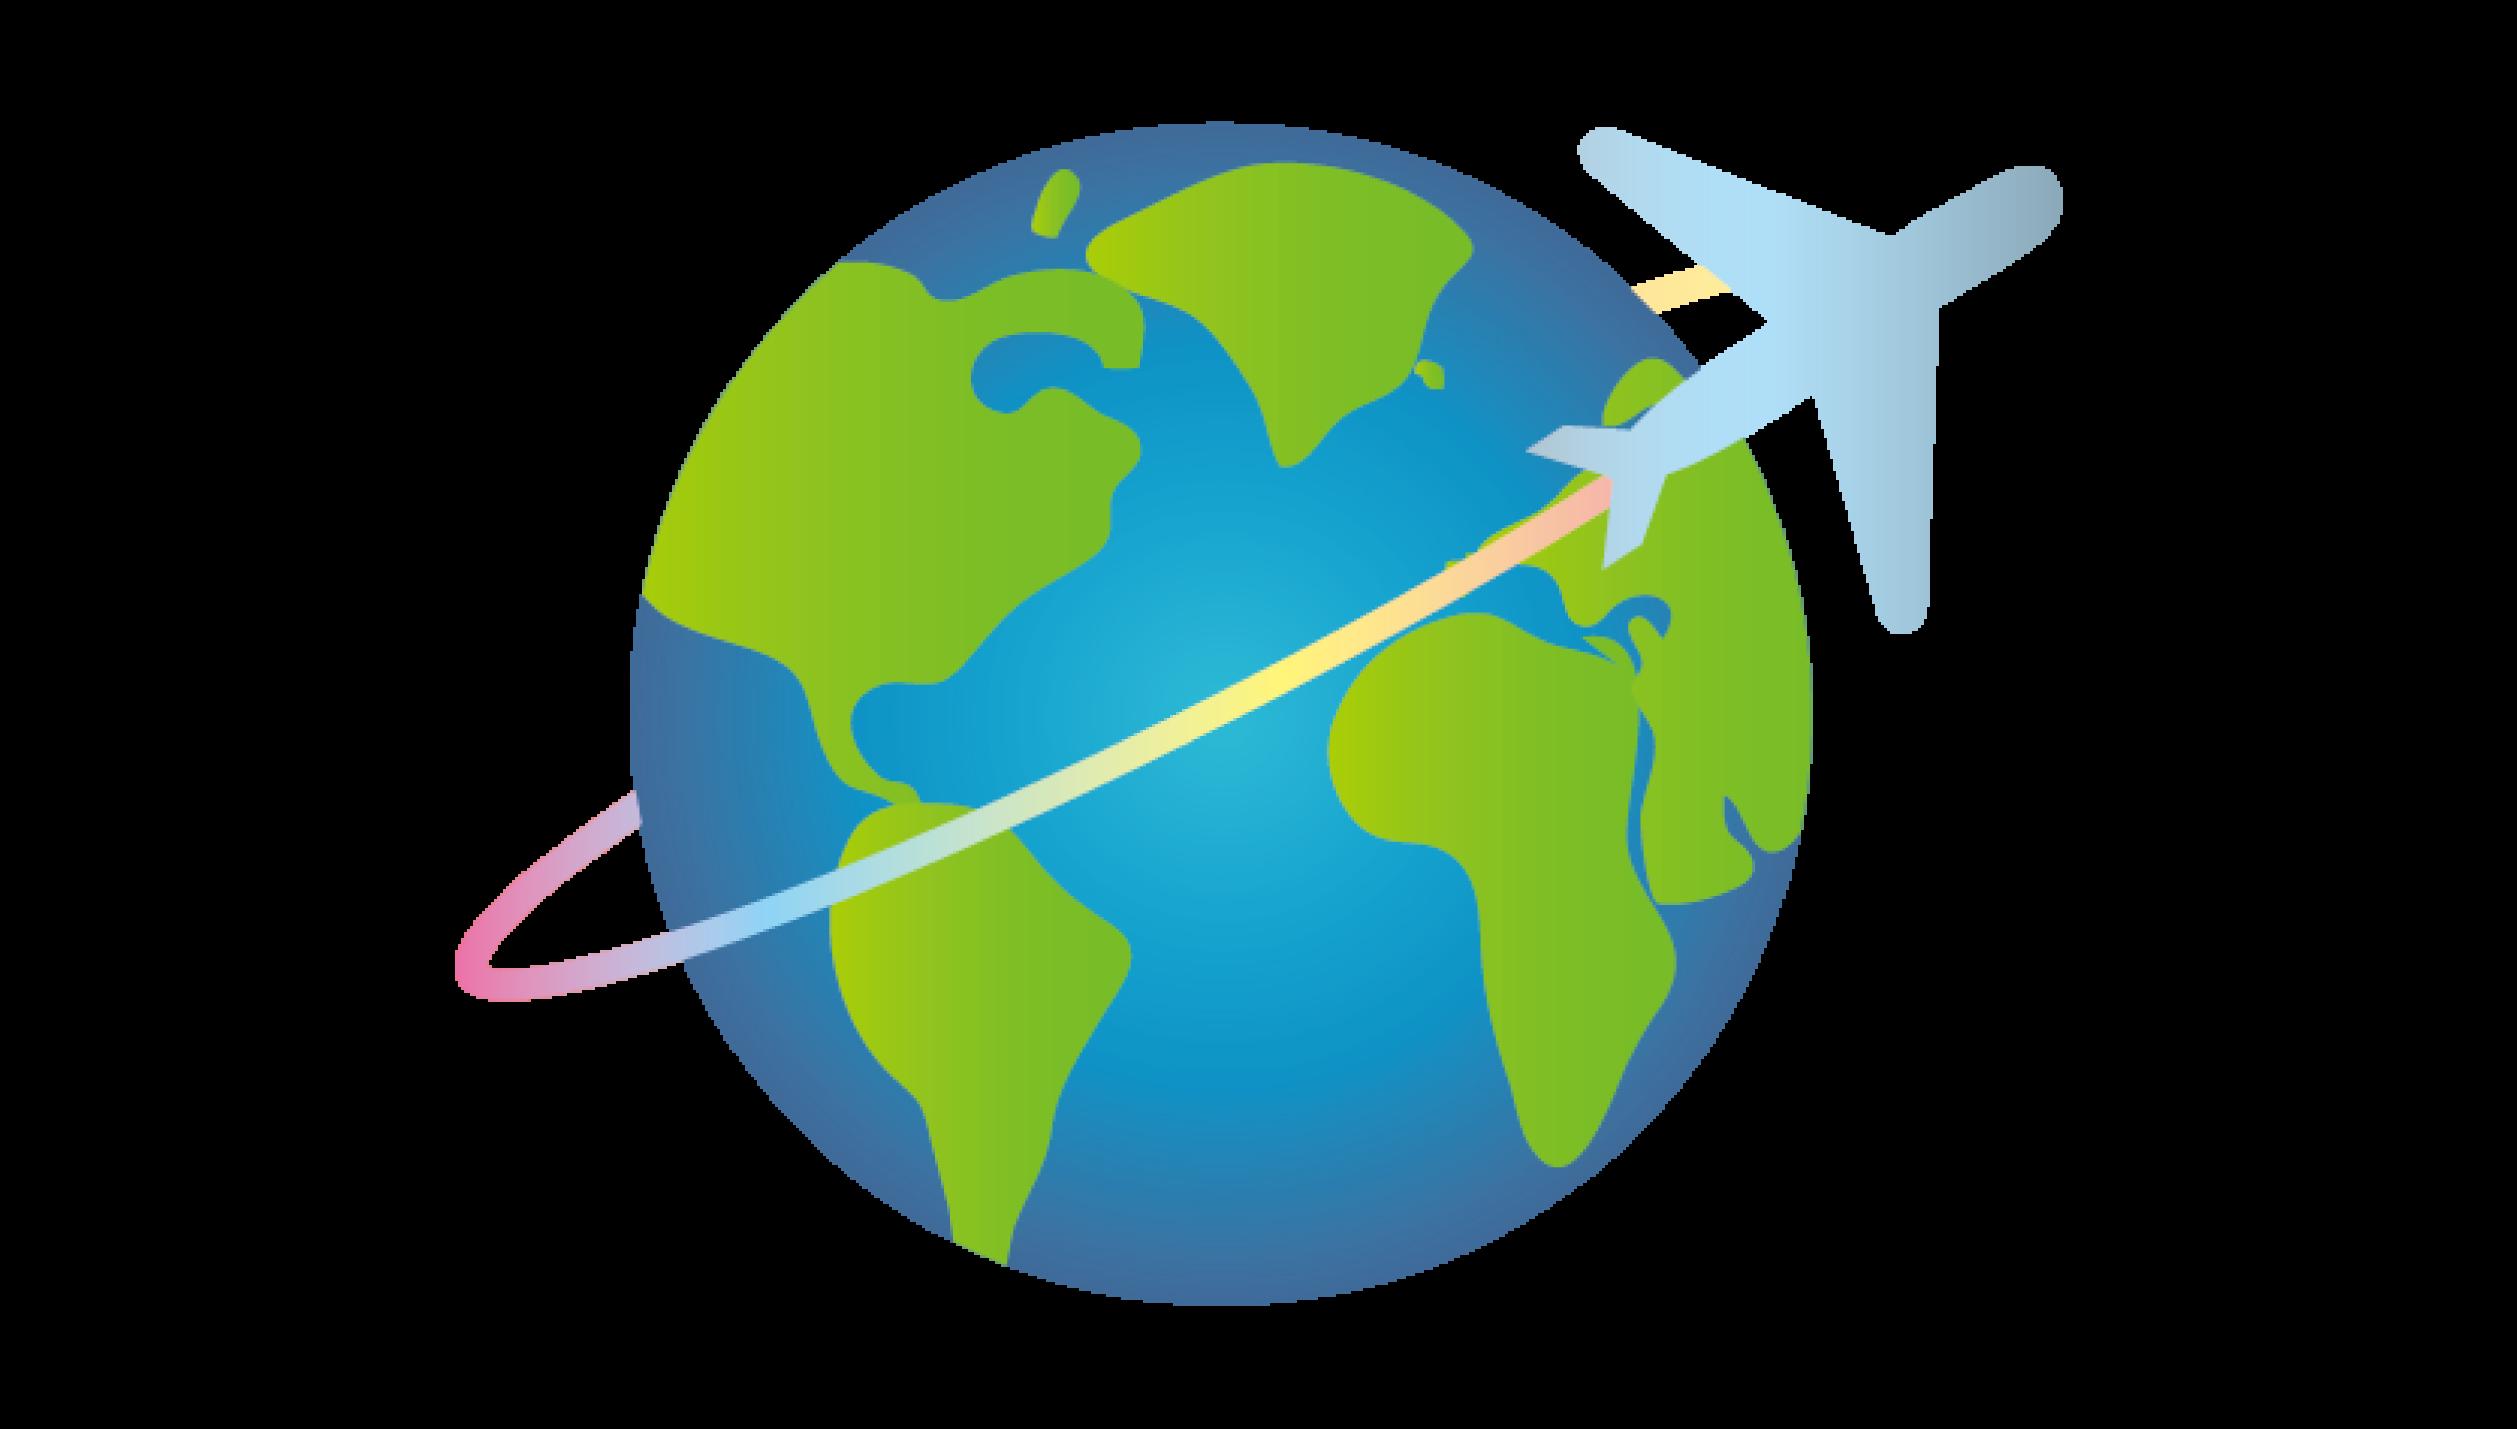 国内外の旅行の旬な情報や便利情報をお届け